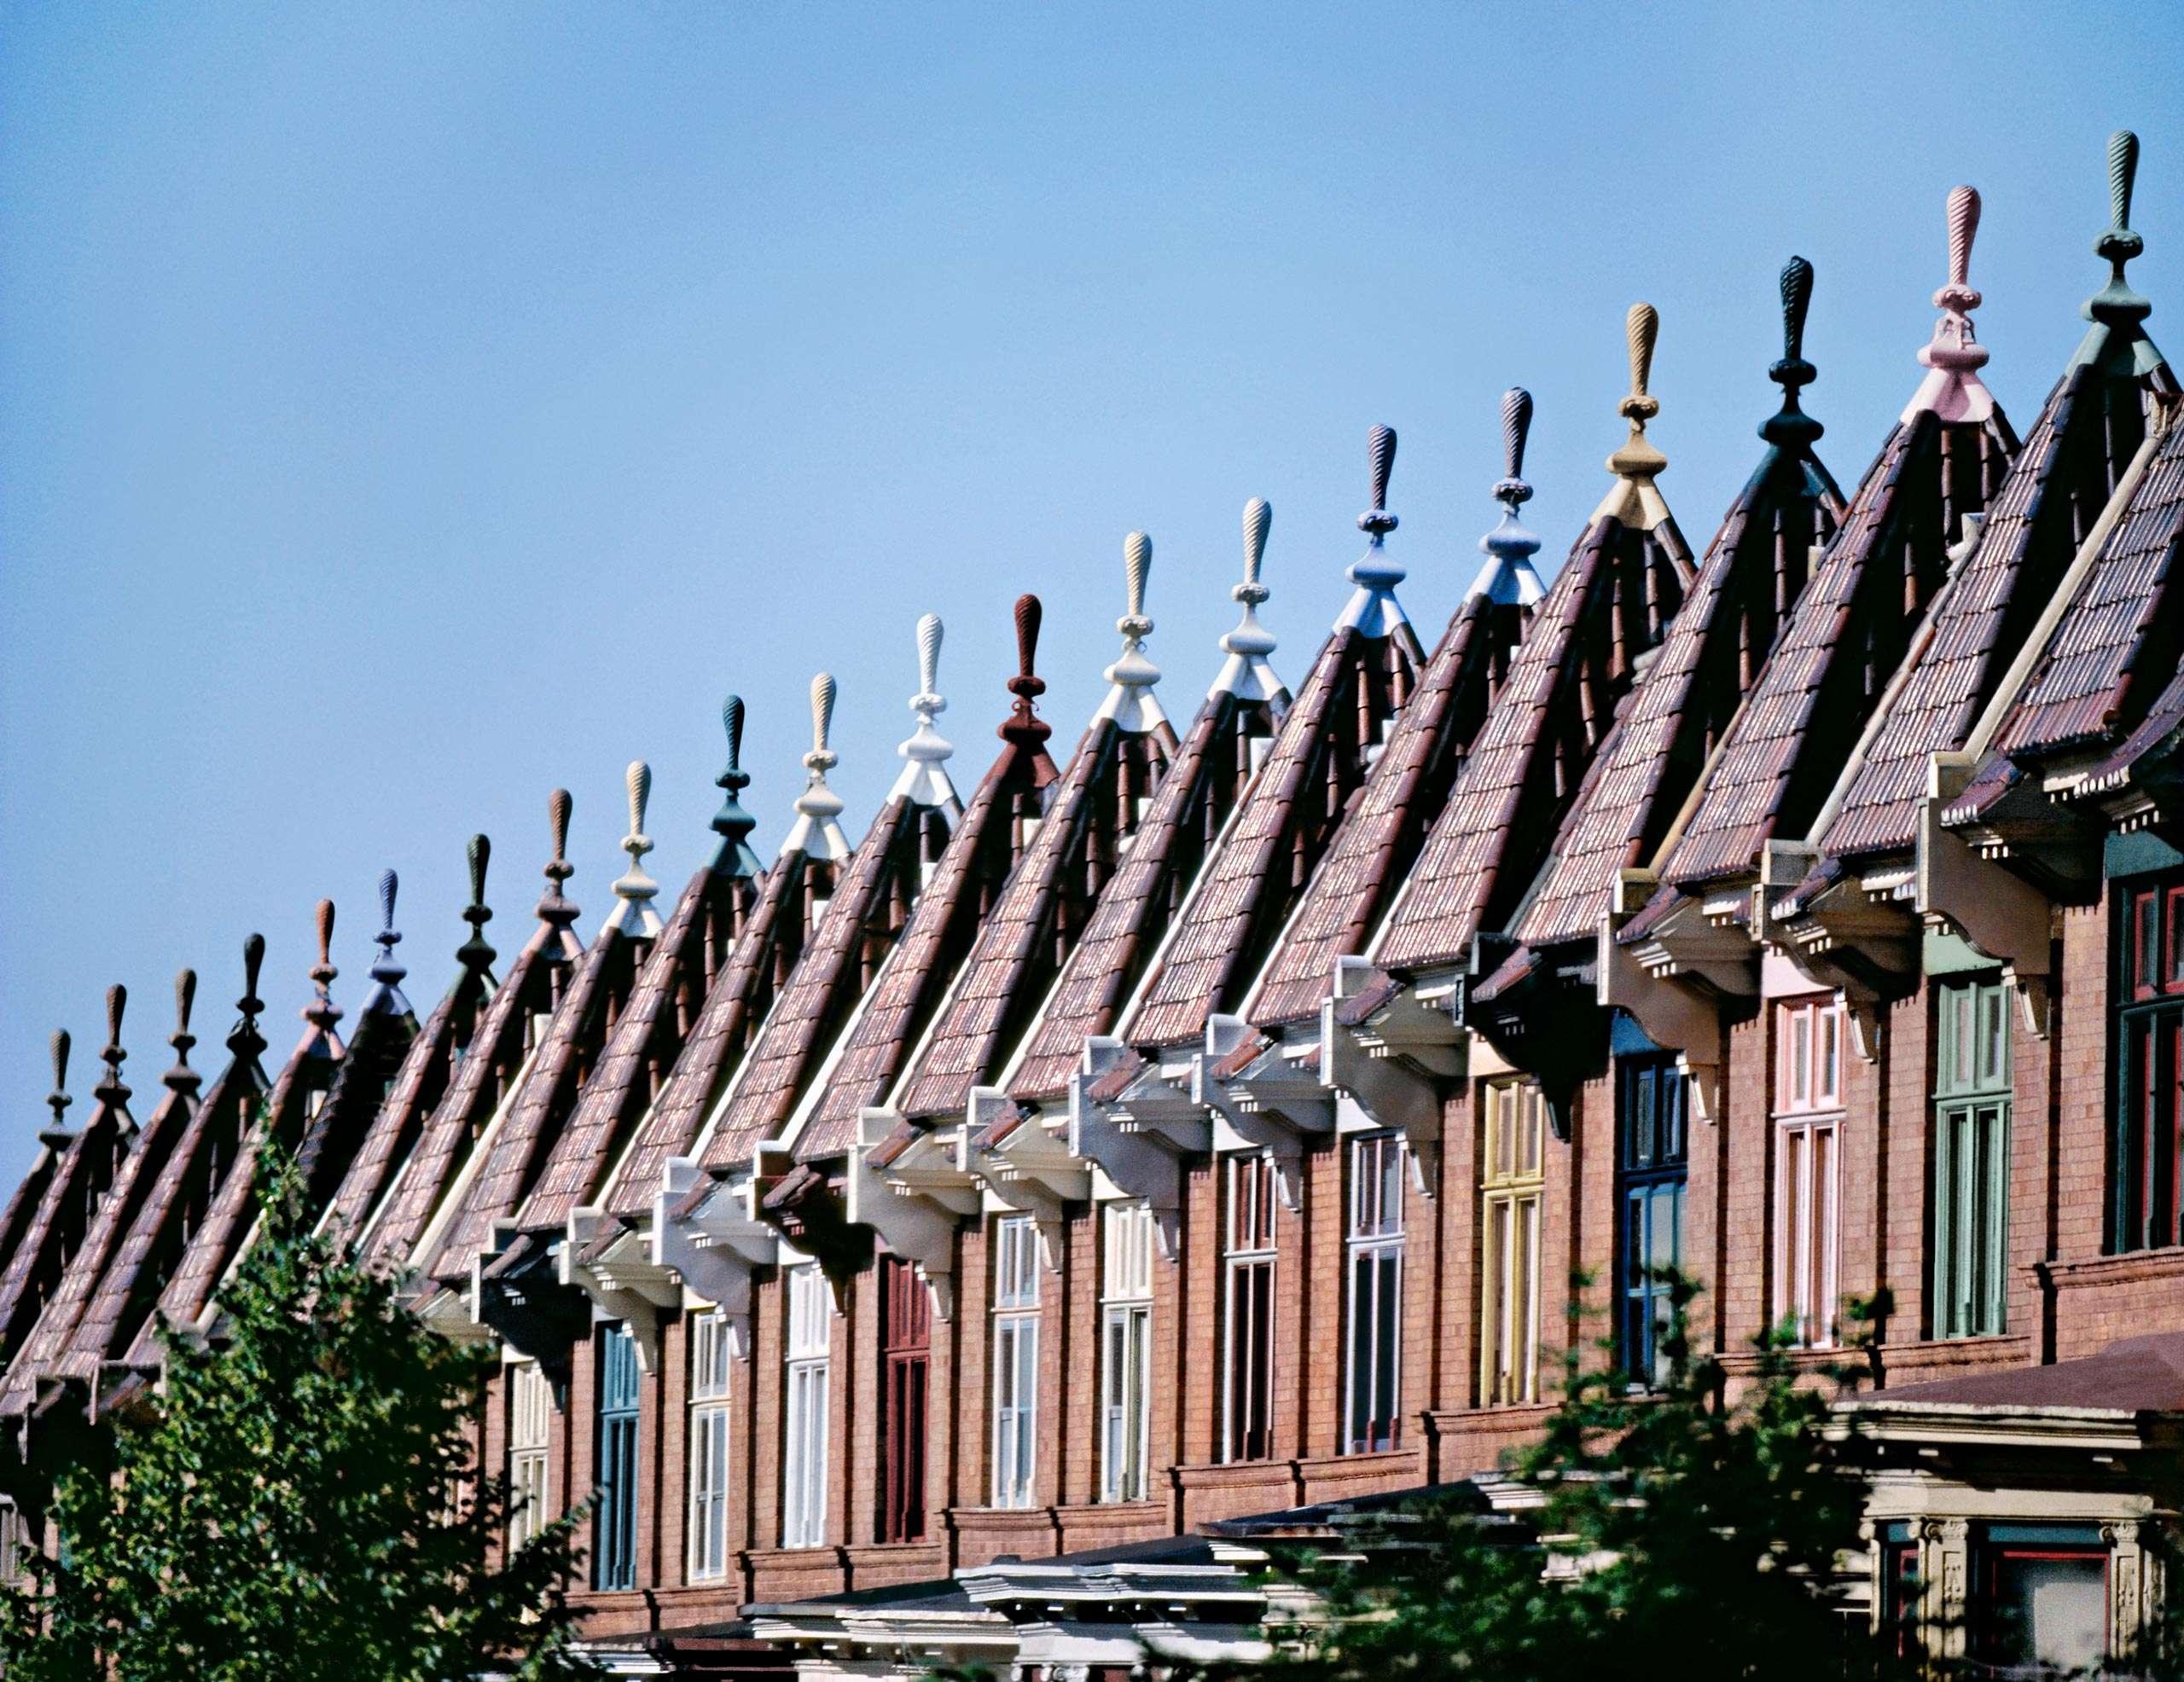 PORTFOLIO - Baltimore - Neighborhoods   #6   PCG619